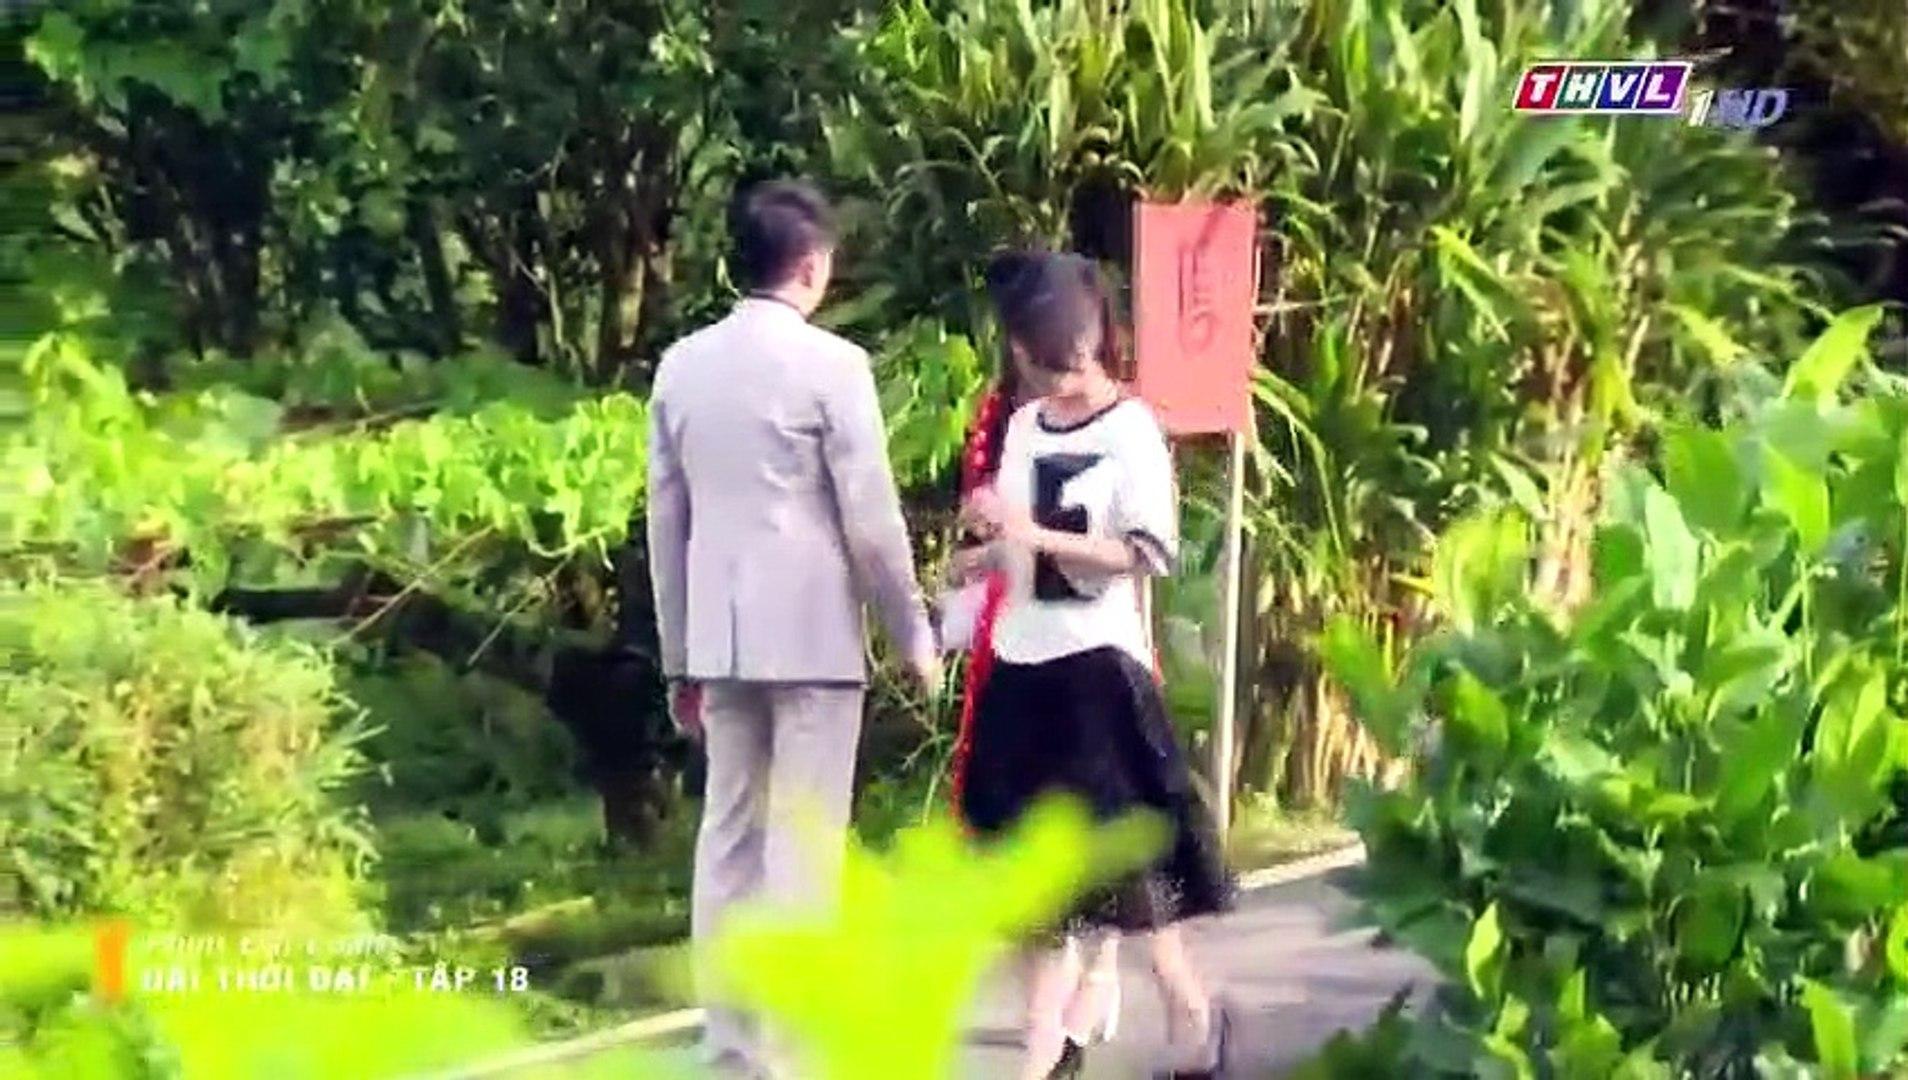 Đại Thời Đại Tập 18 - đại thời đại tập 19 - Phim Đài Loan - THVL1 Lồng Tiếng - Phim Dai Thoi Dai Tap